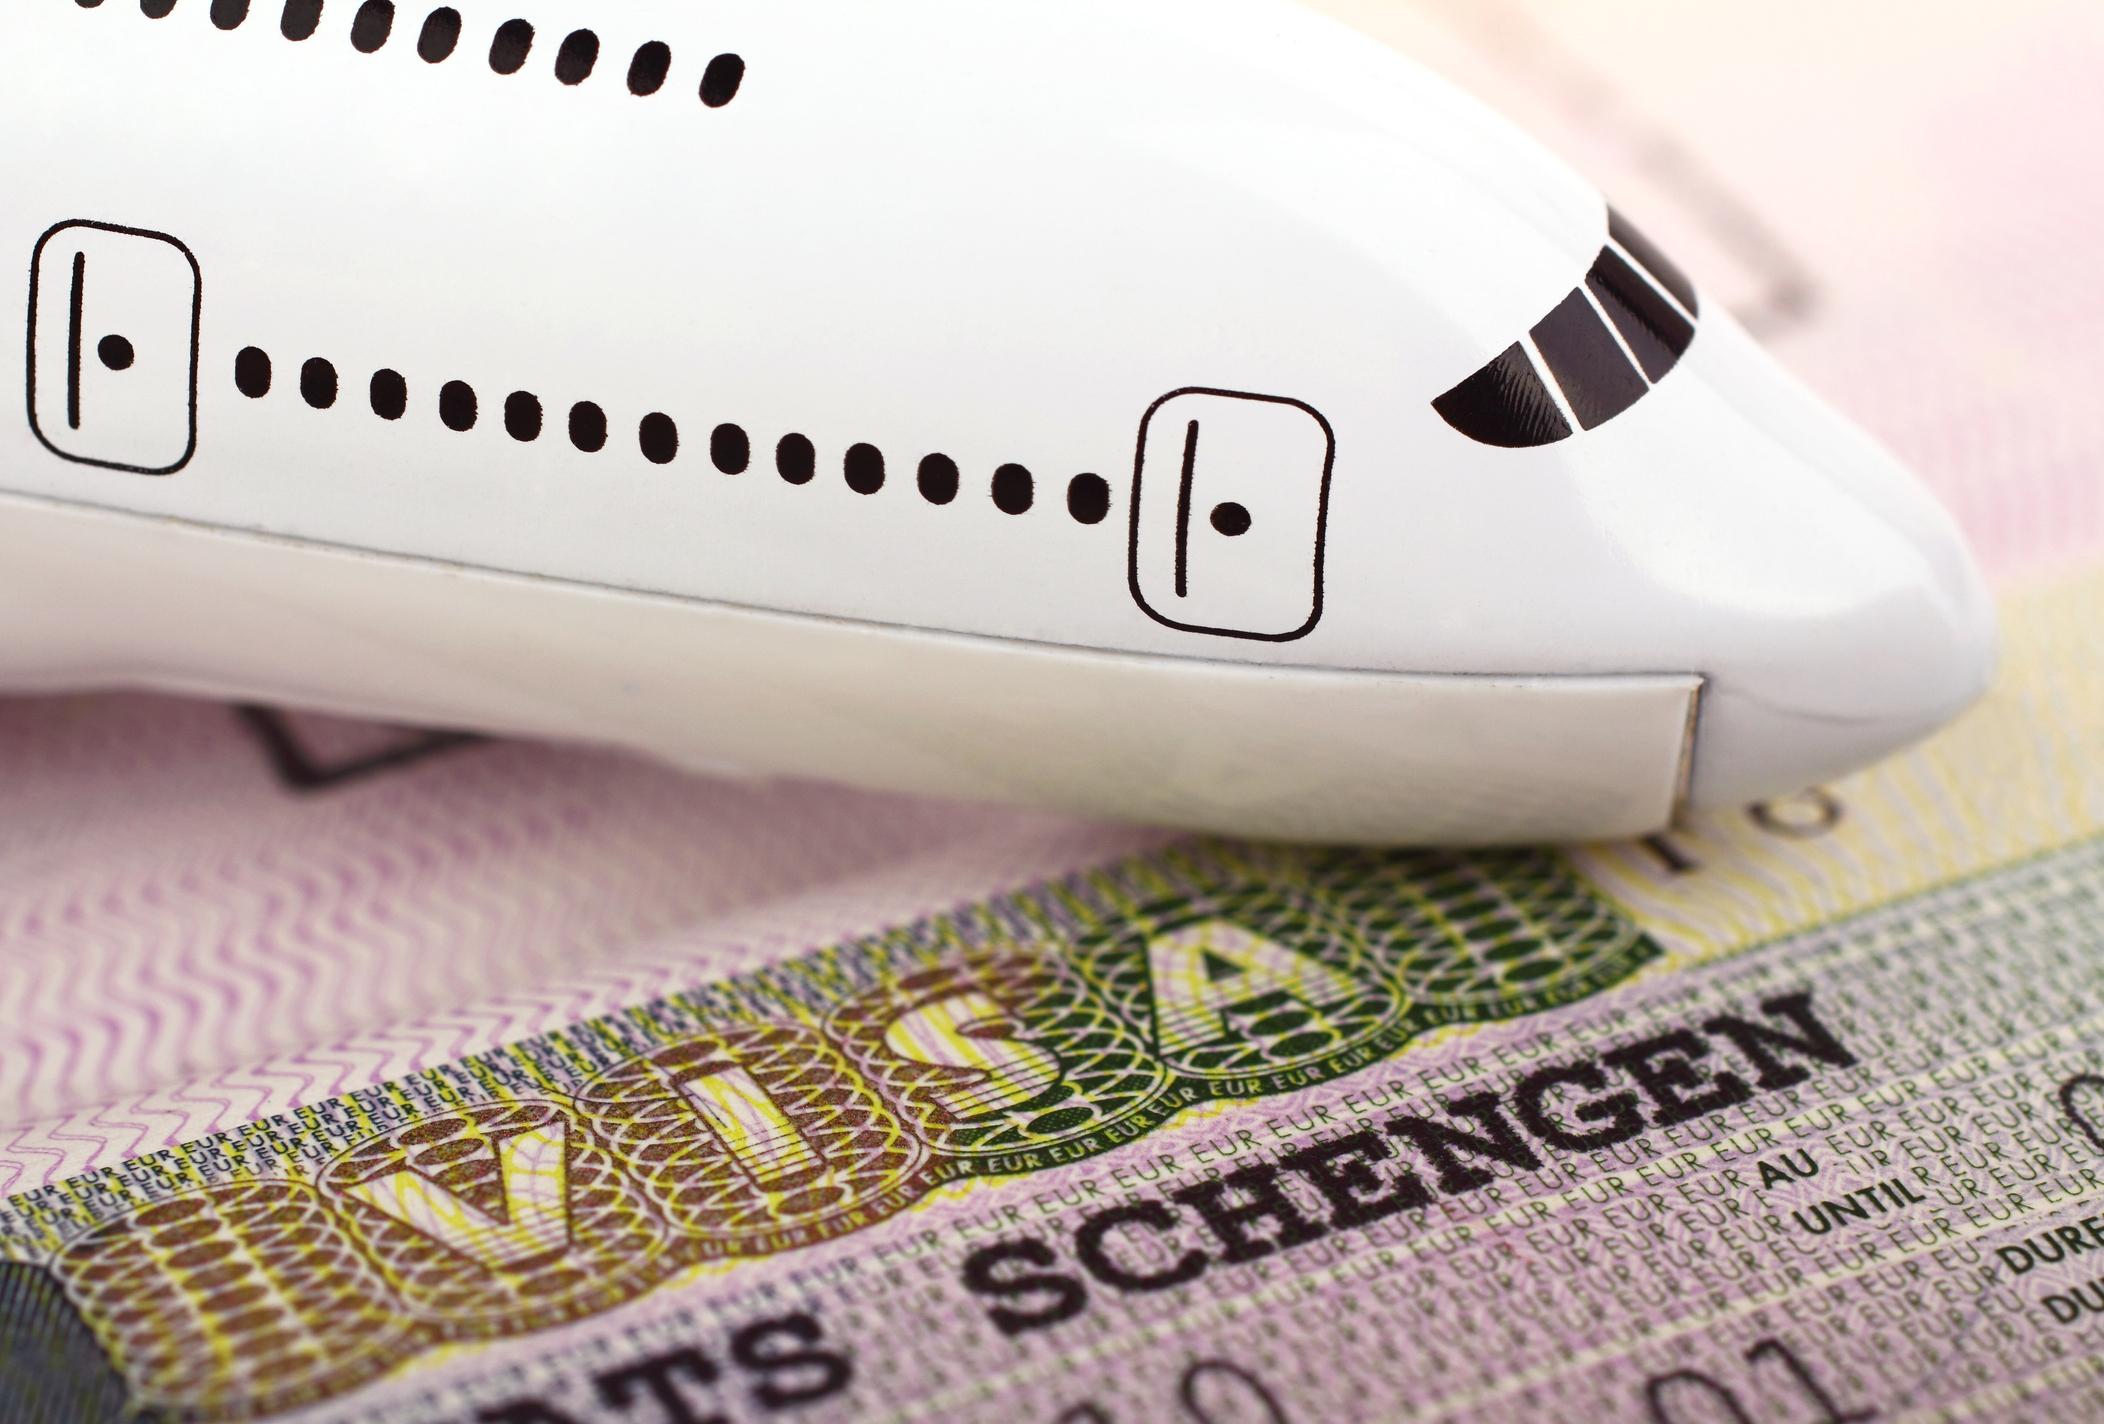 đầu tư lấy quốc tịch Thổ Nhĩ Kỳ